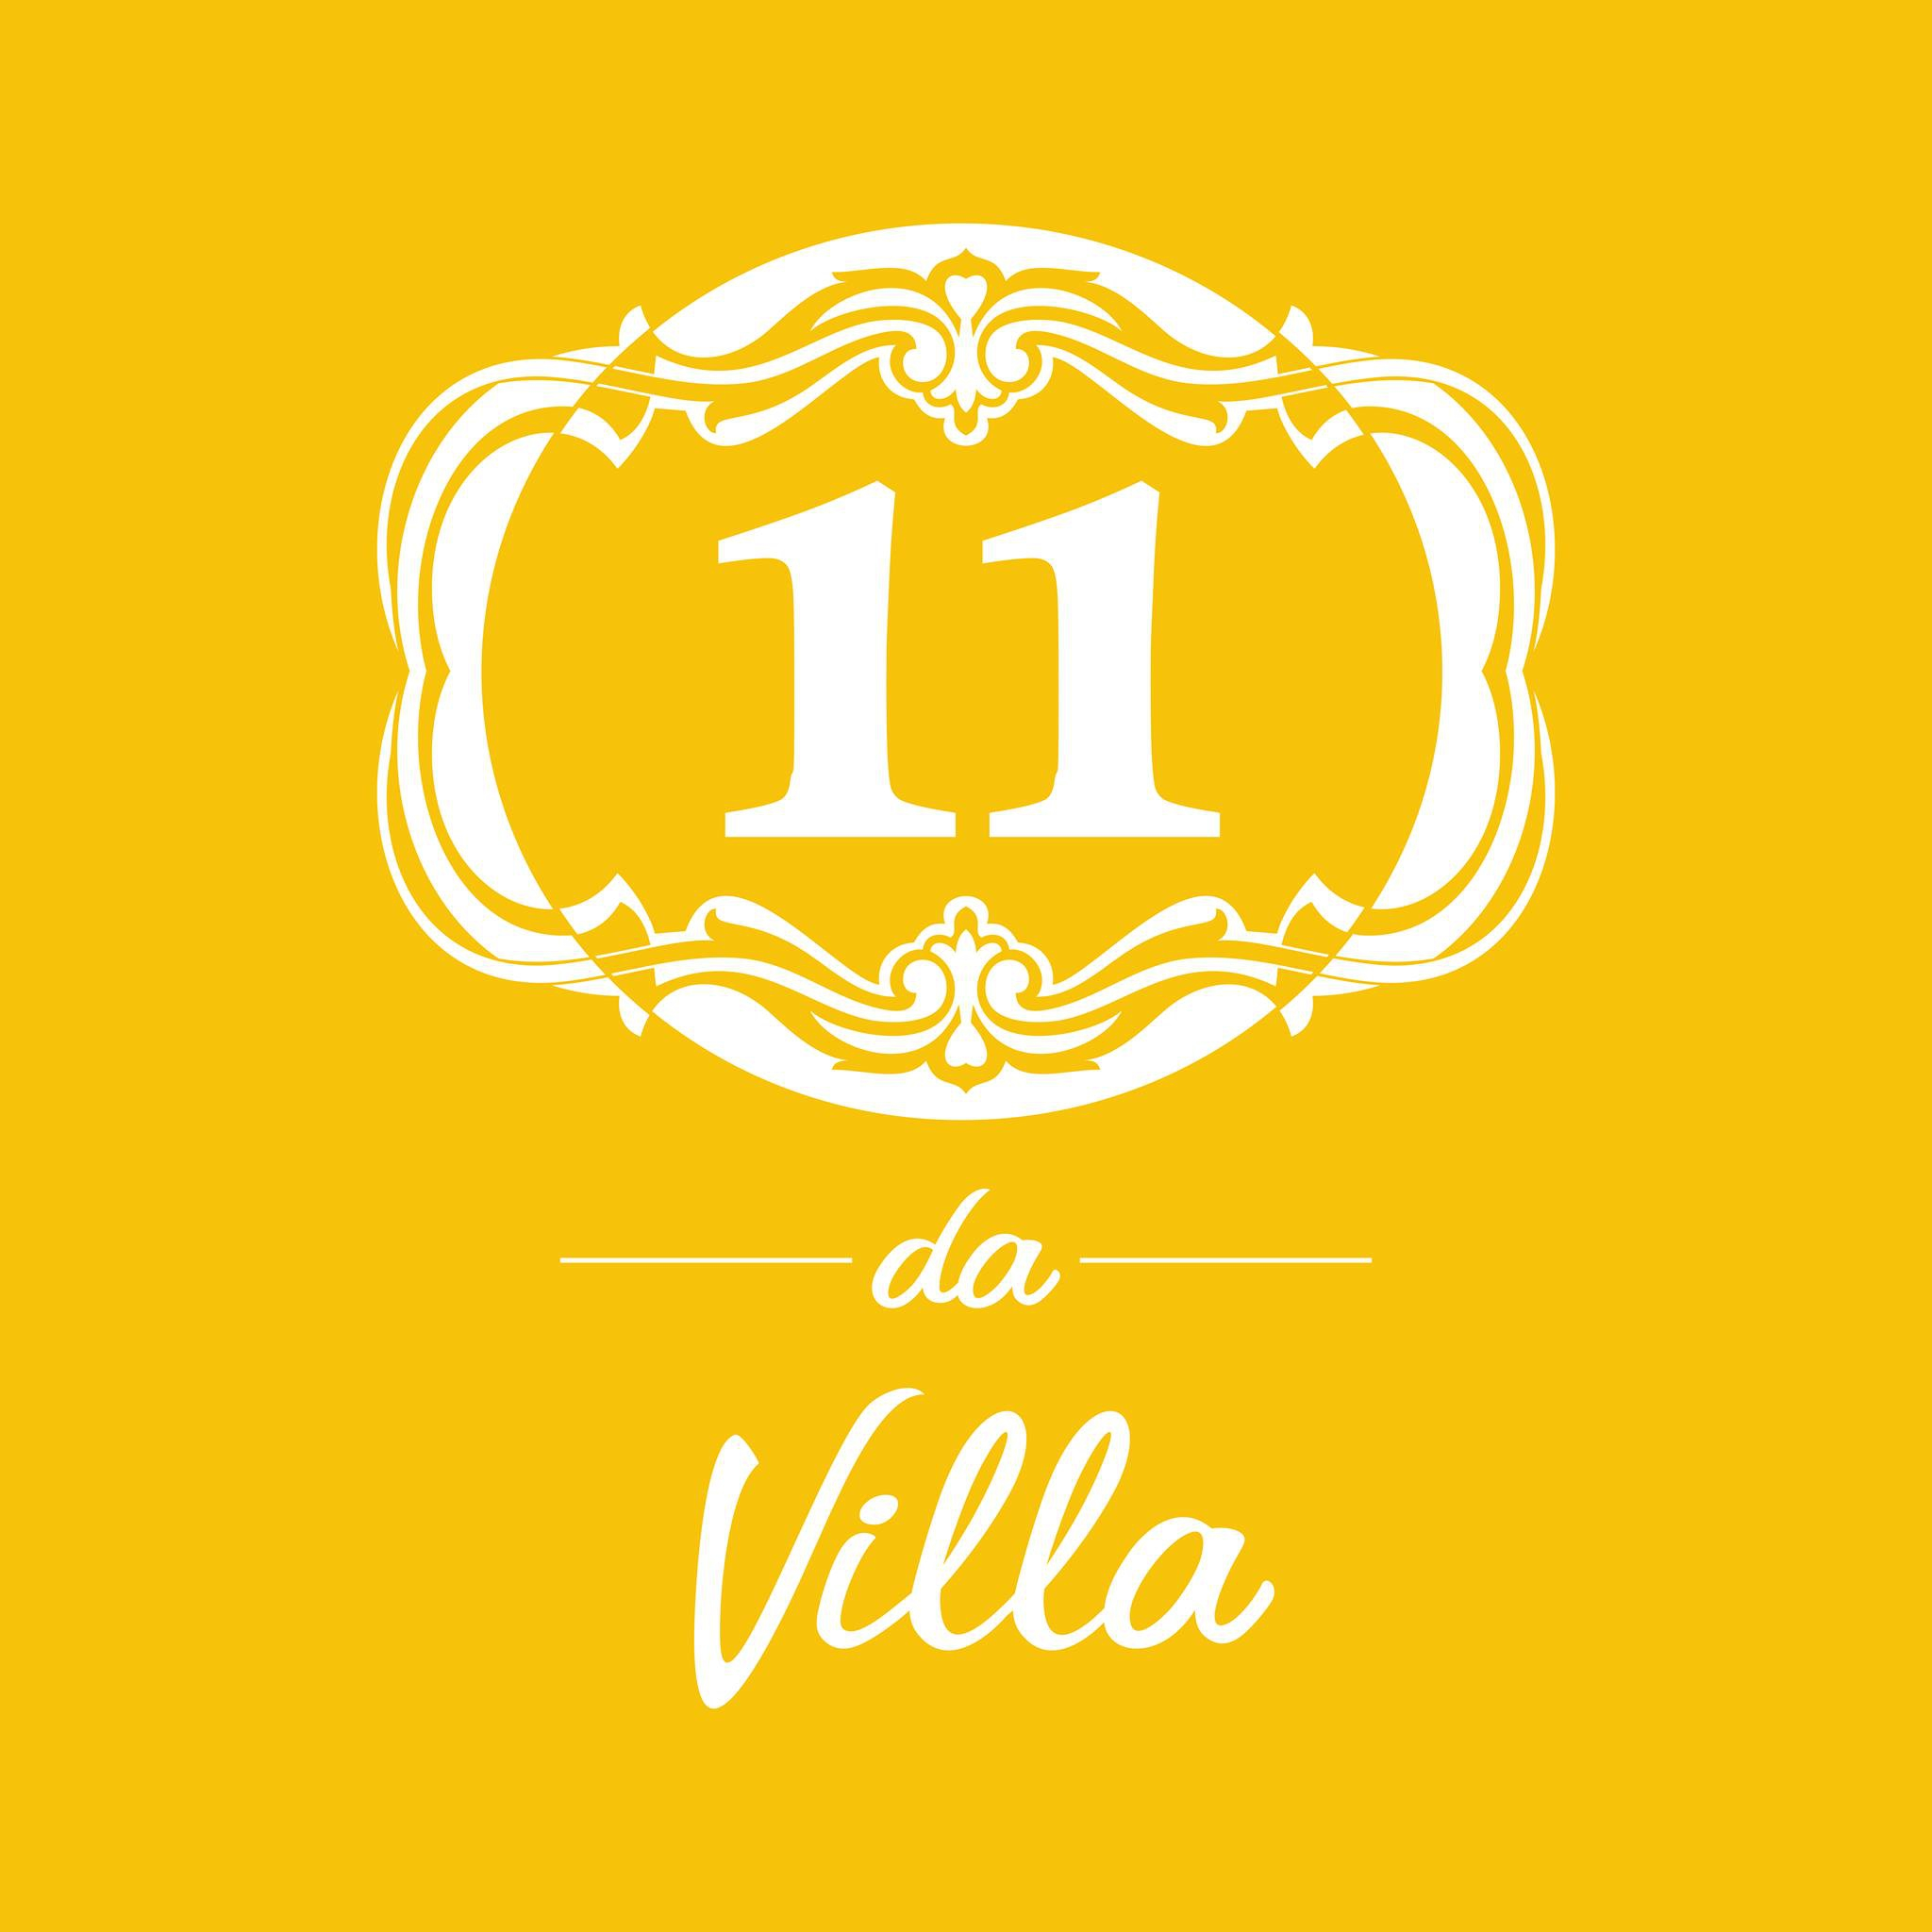 11 da Villa